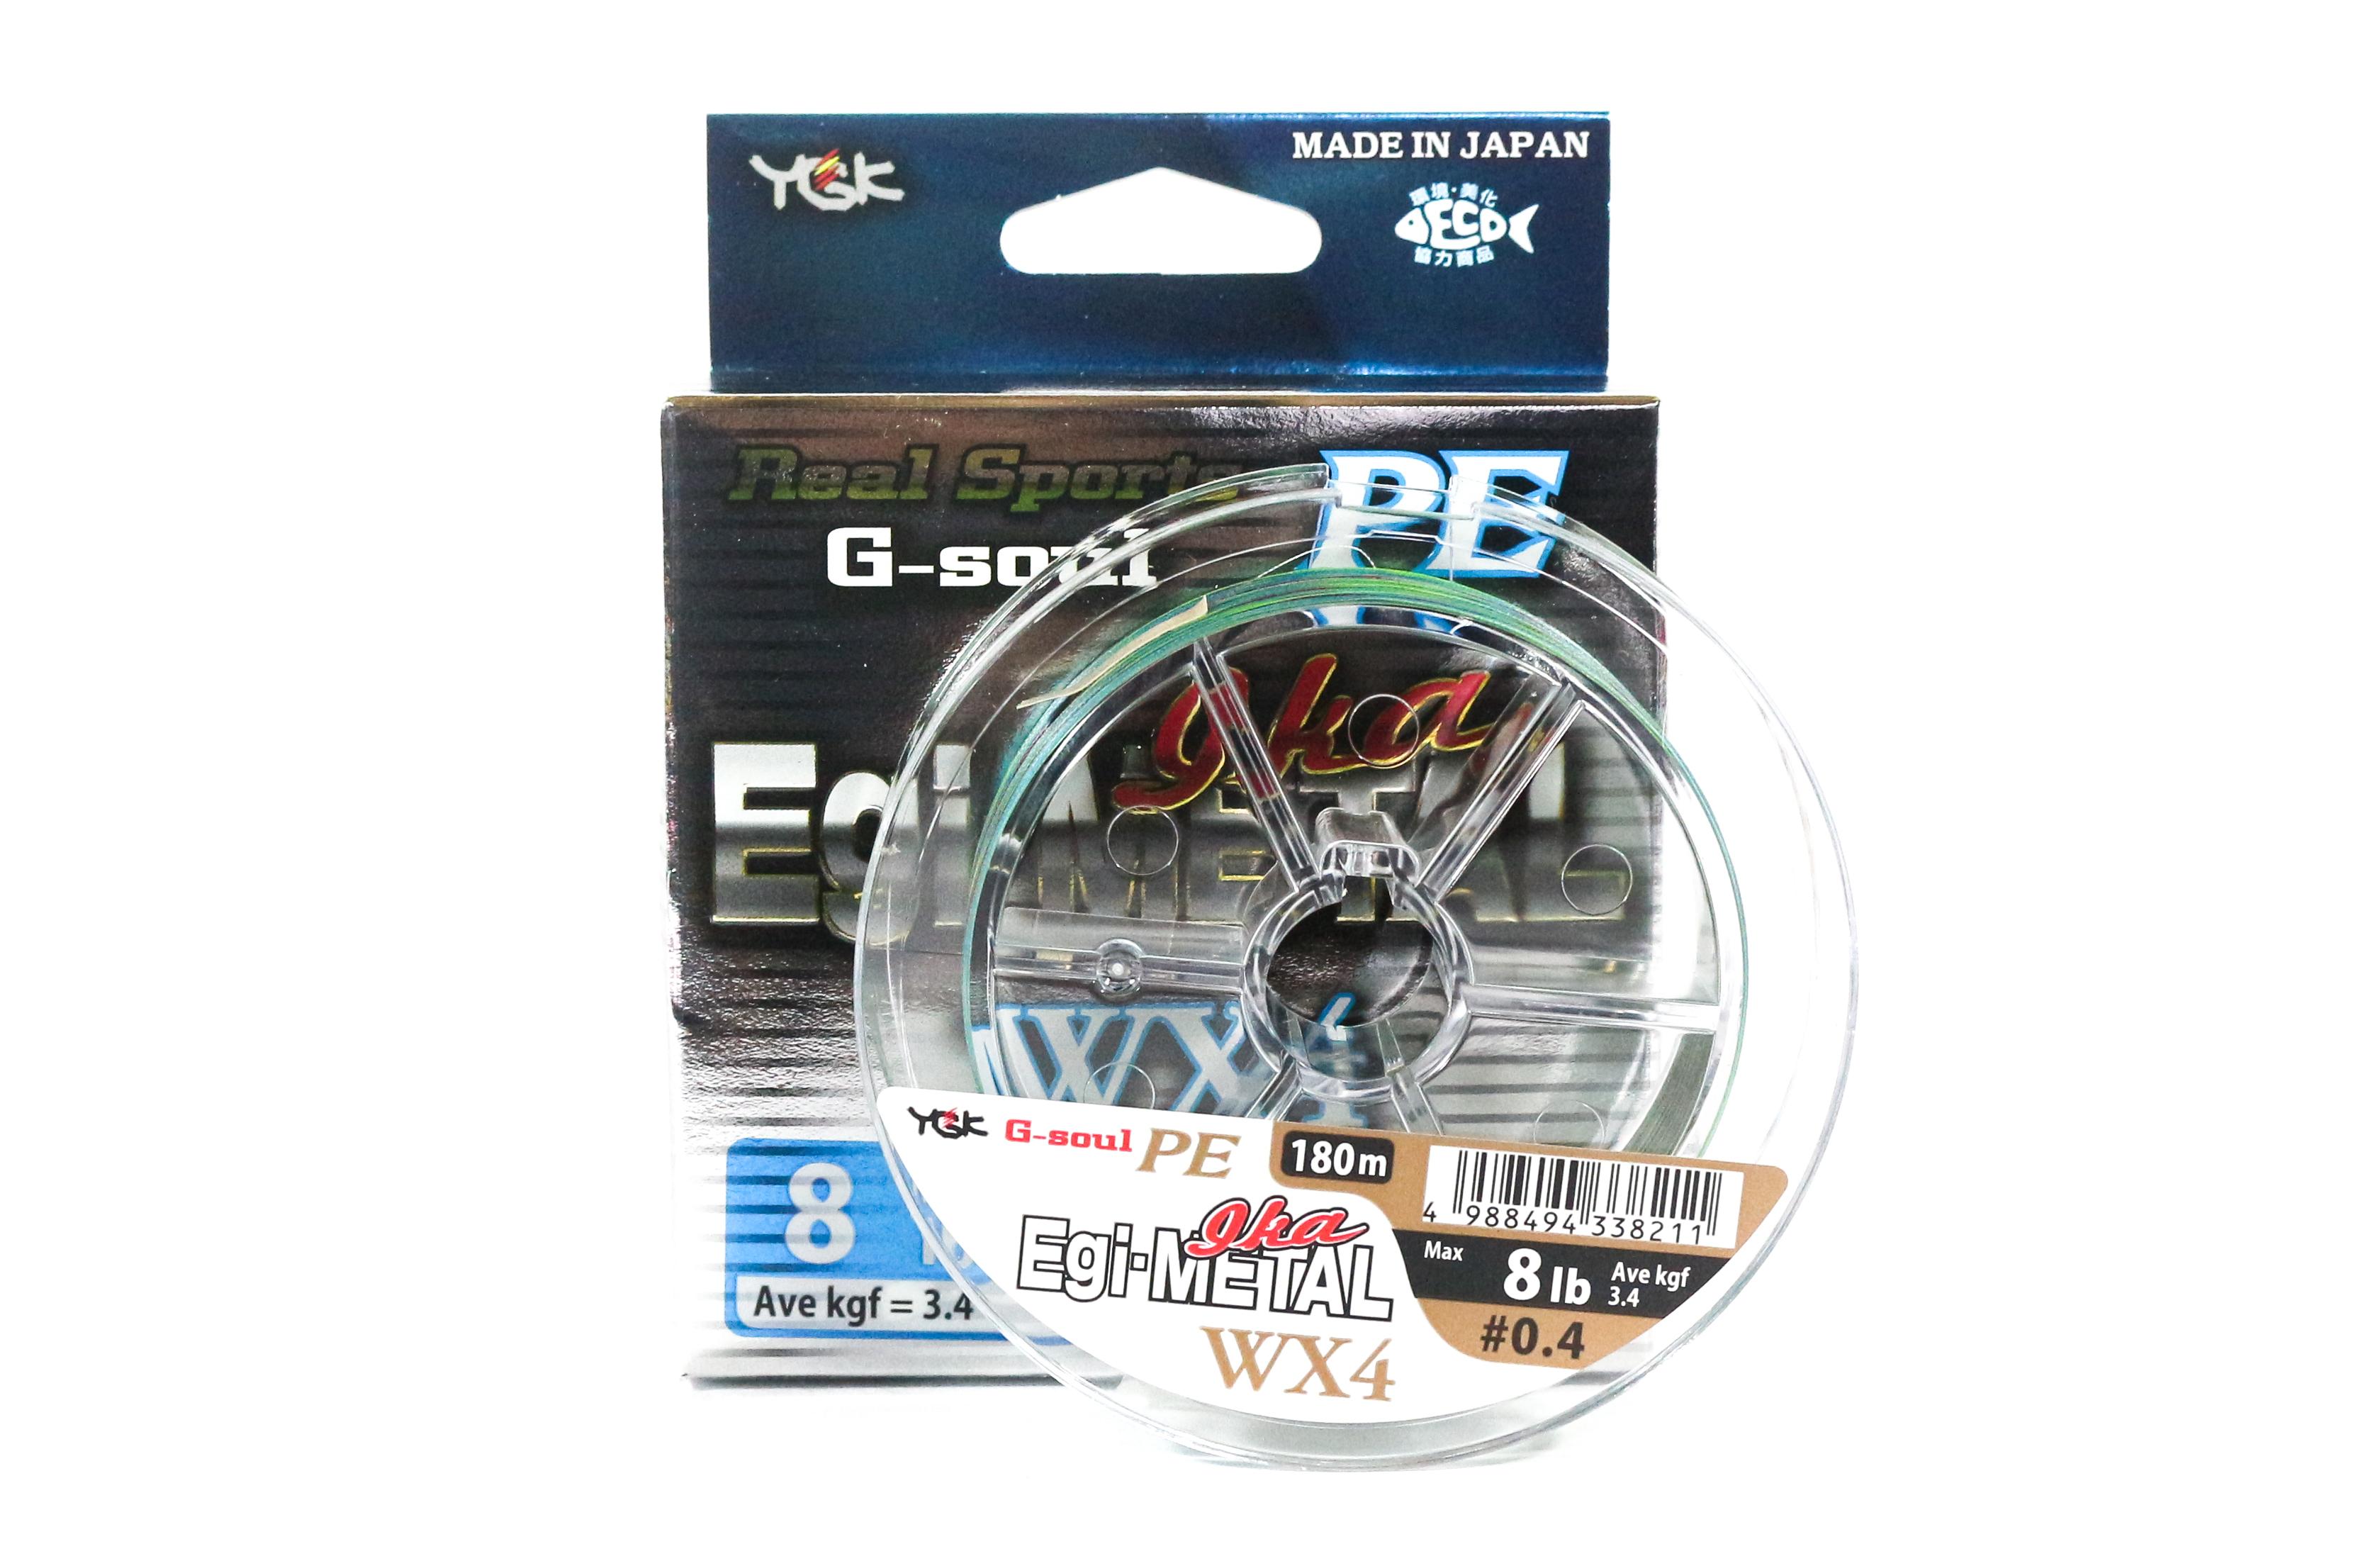 YGK PE Fishing Line G-Soul PE Egi Ika Metal WX4 120m PE #0.4 8lb